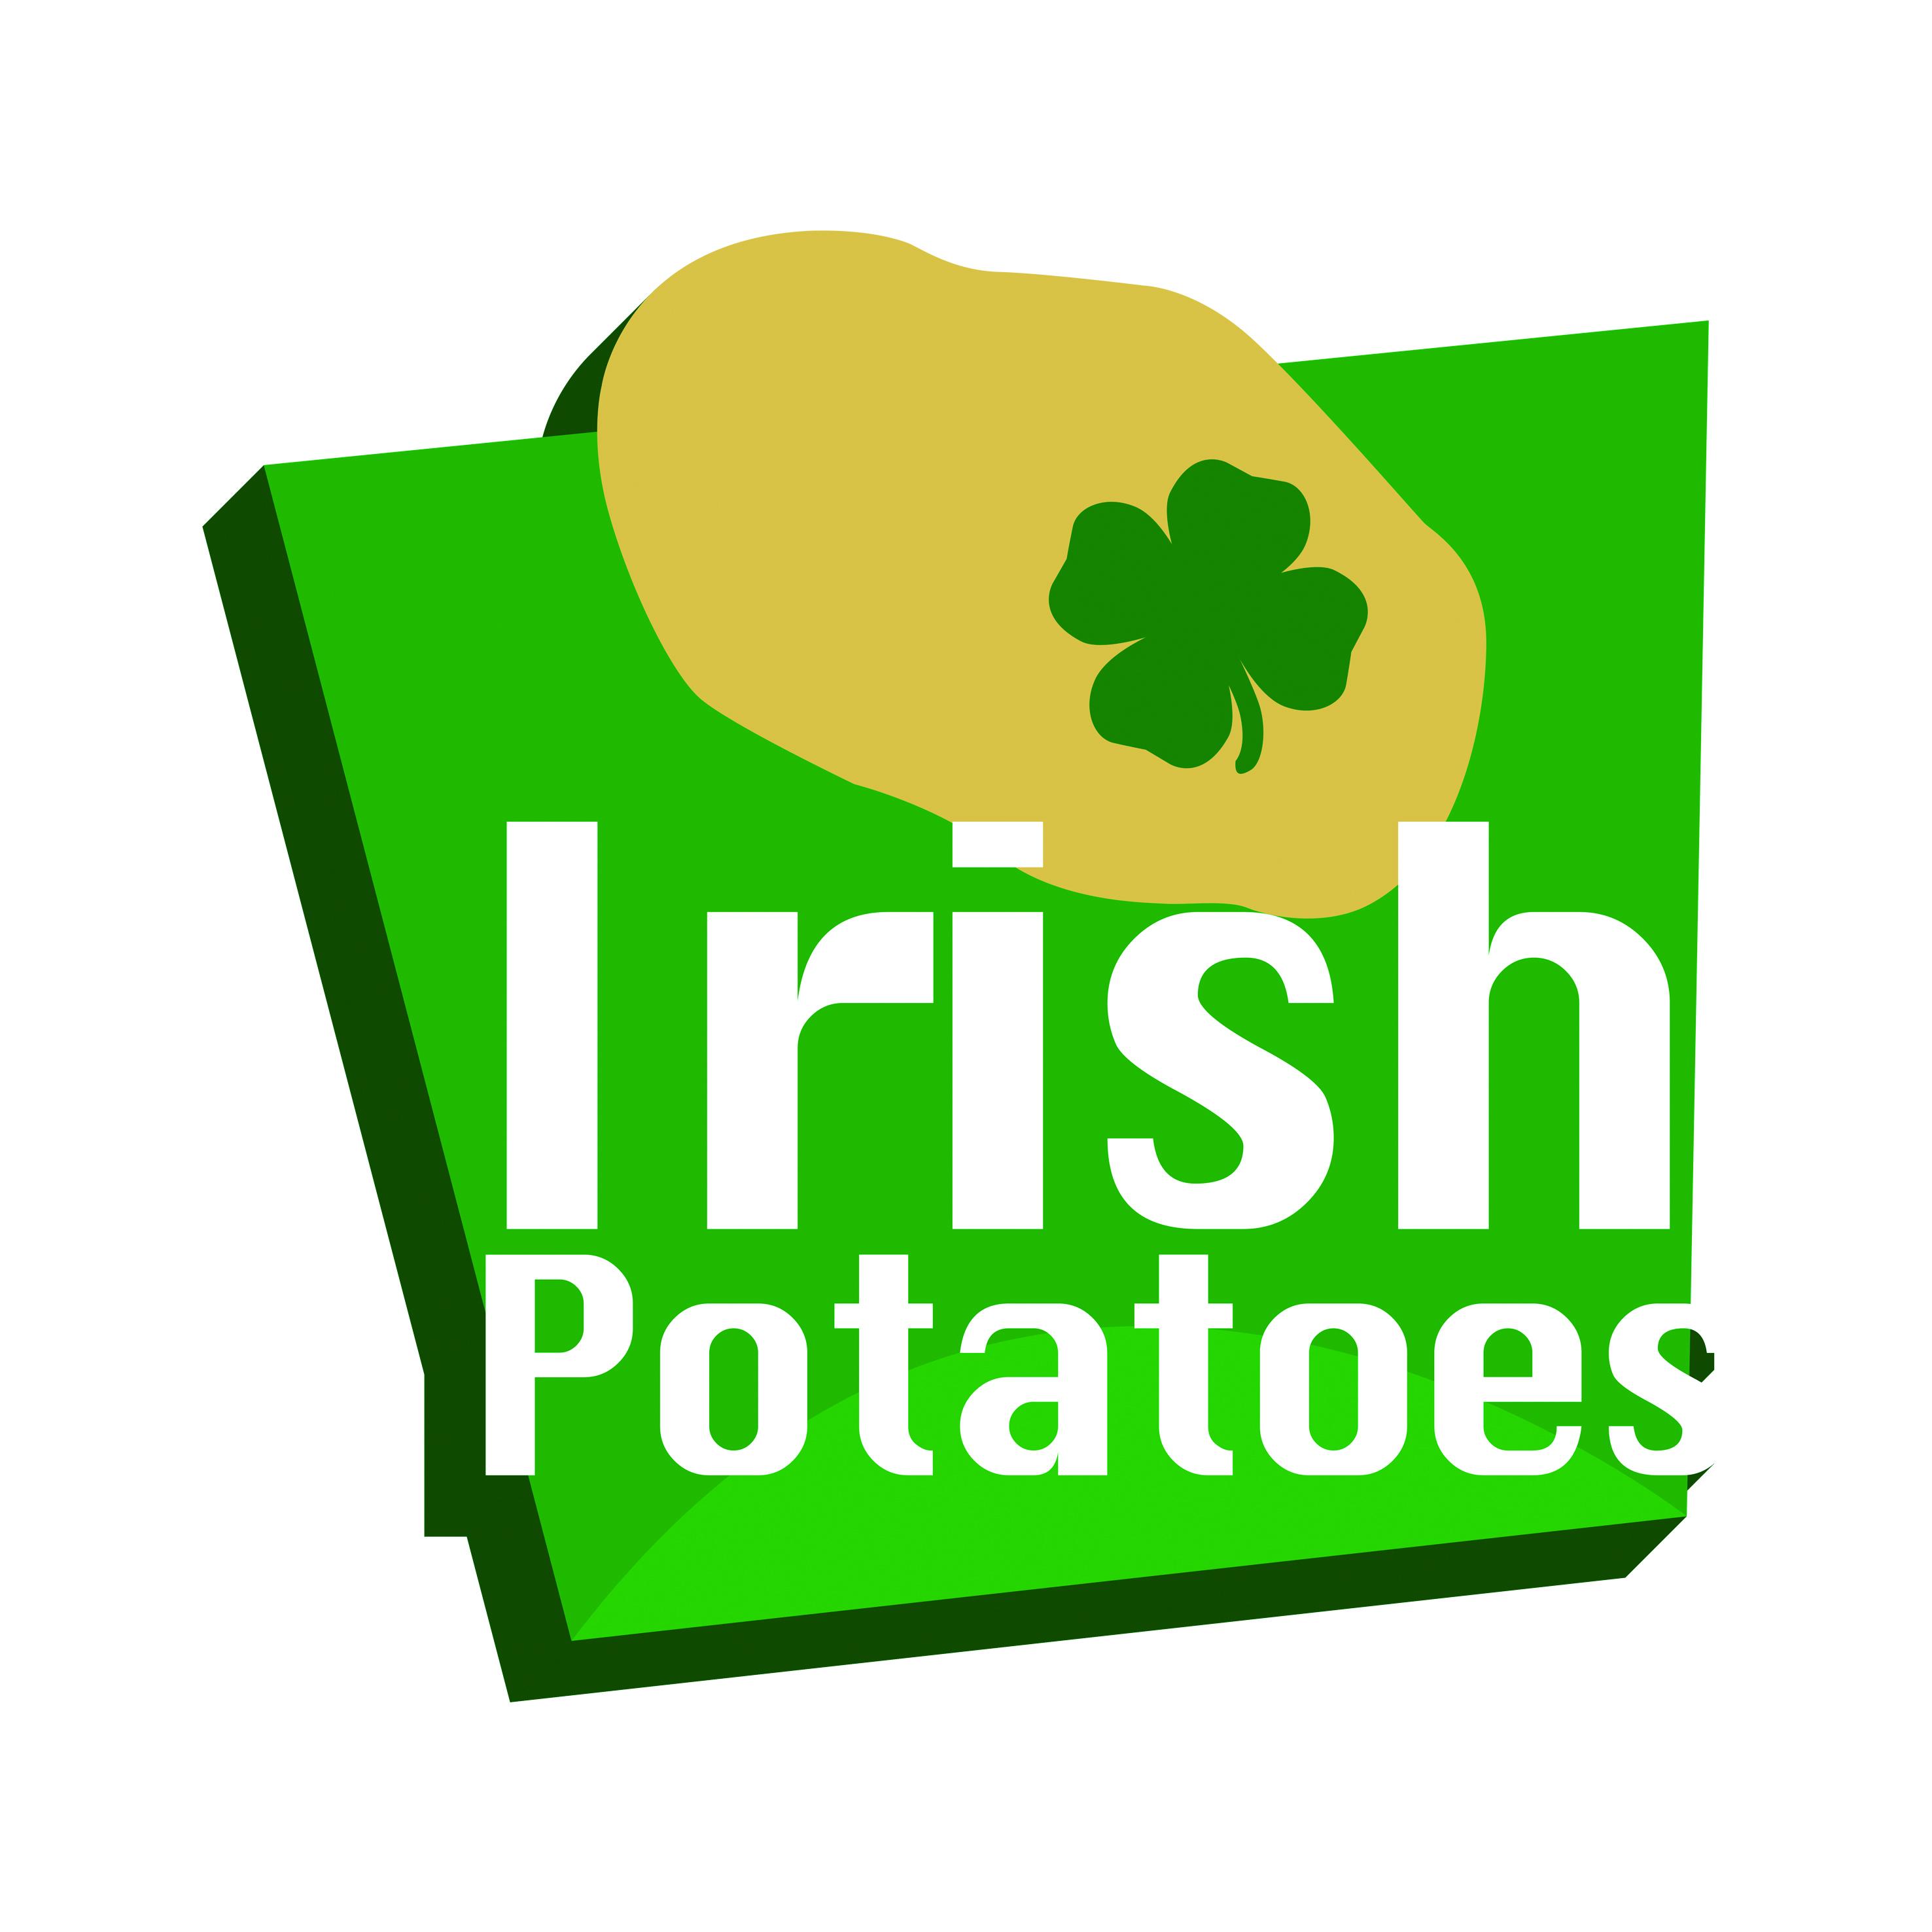 irish-potatoes-logo